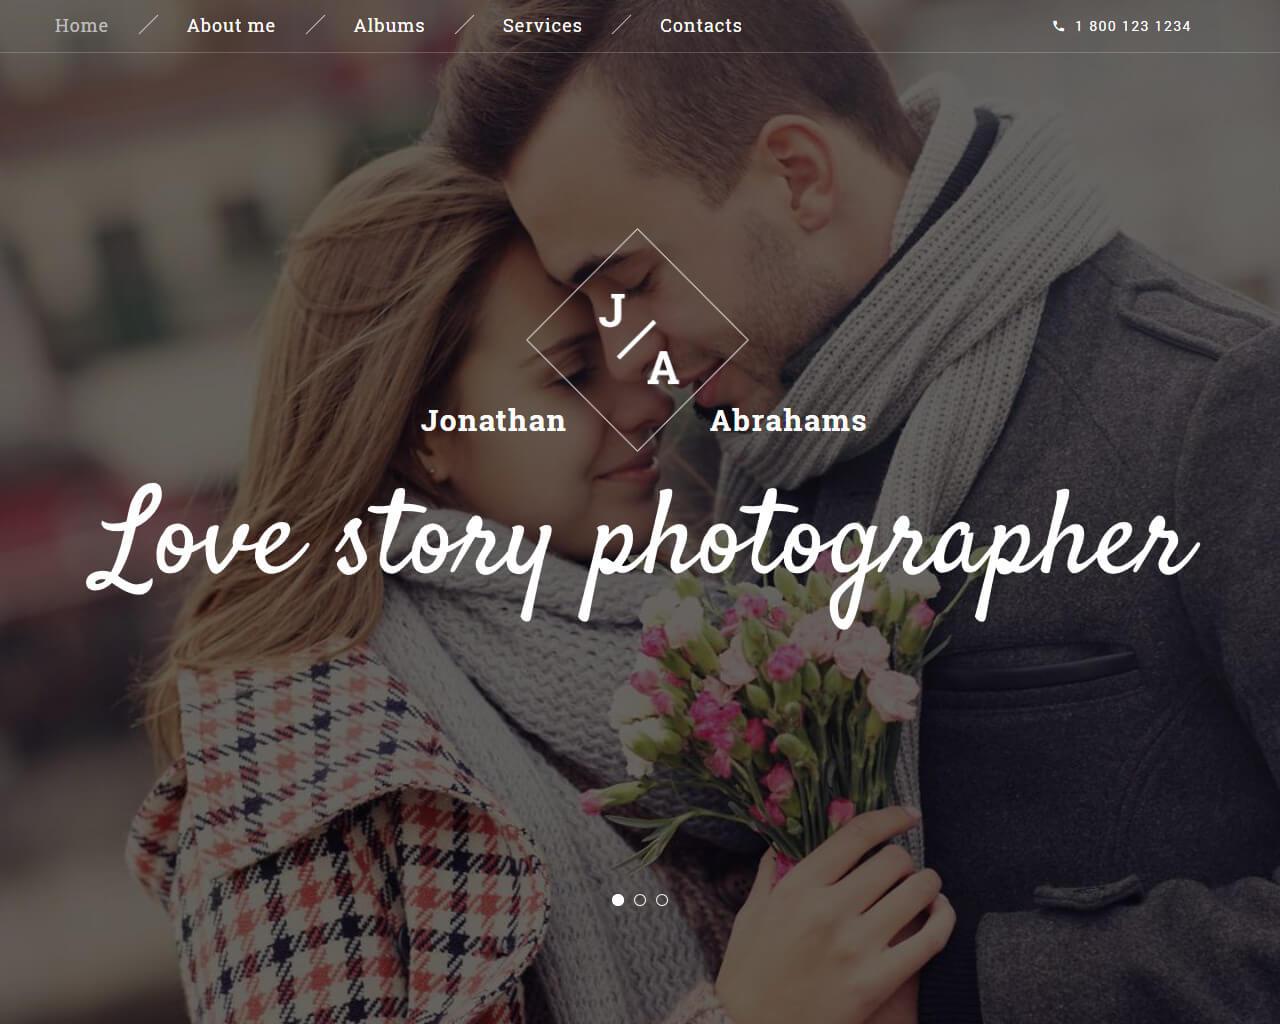 Jonathan Abraham Website Template